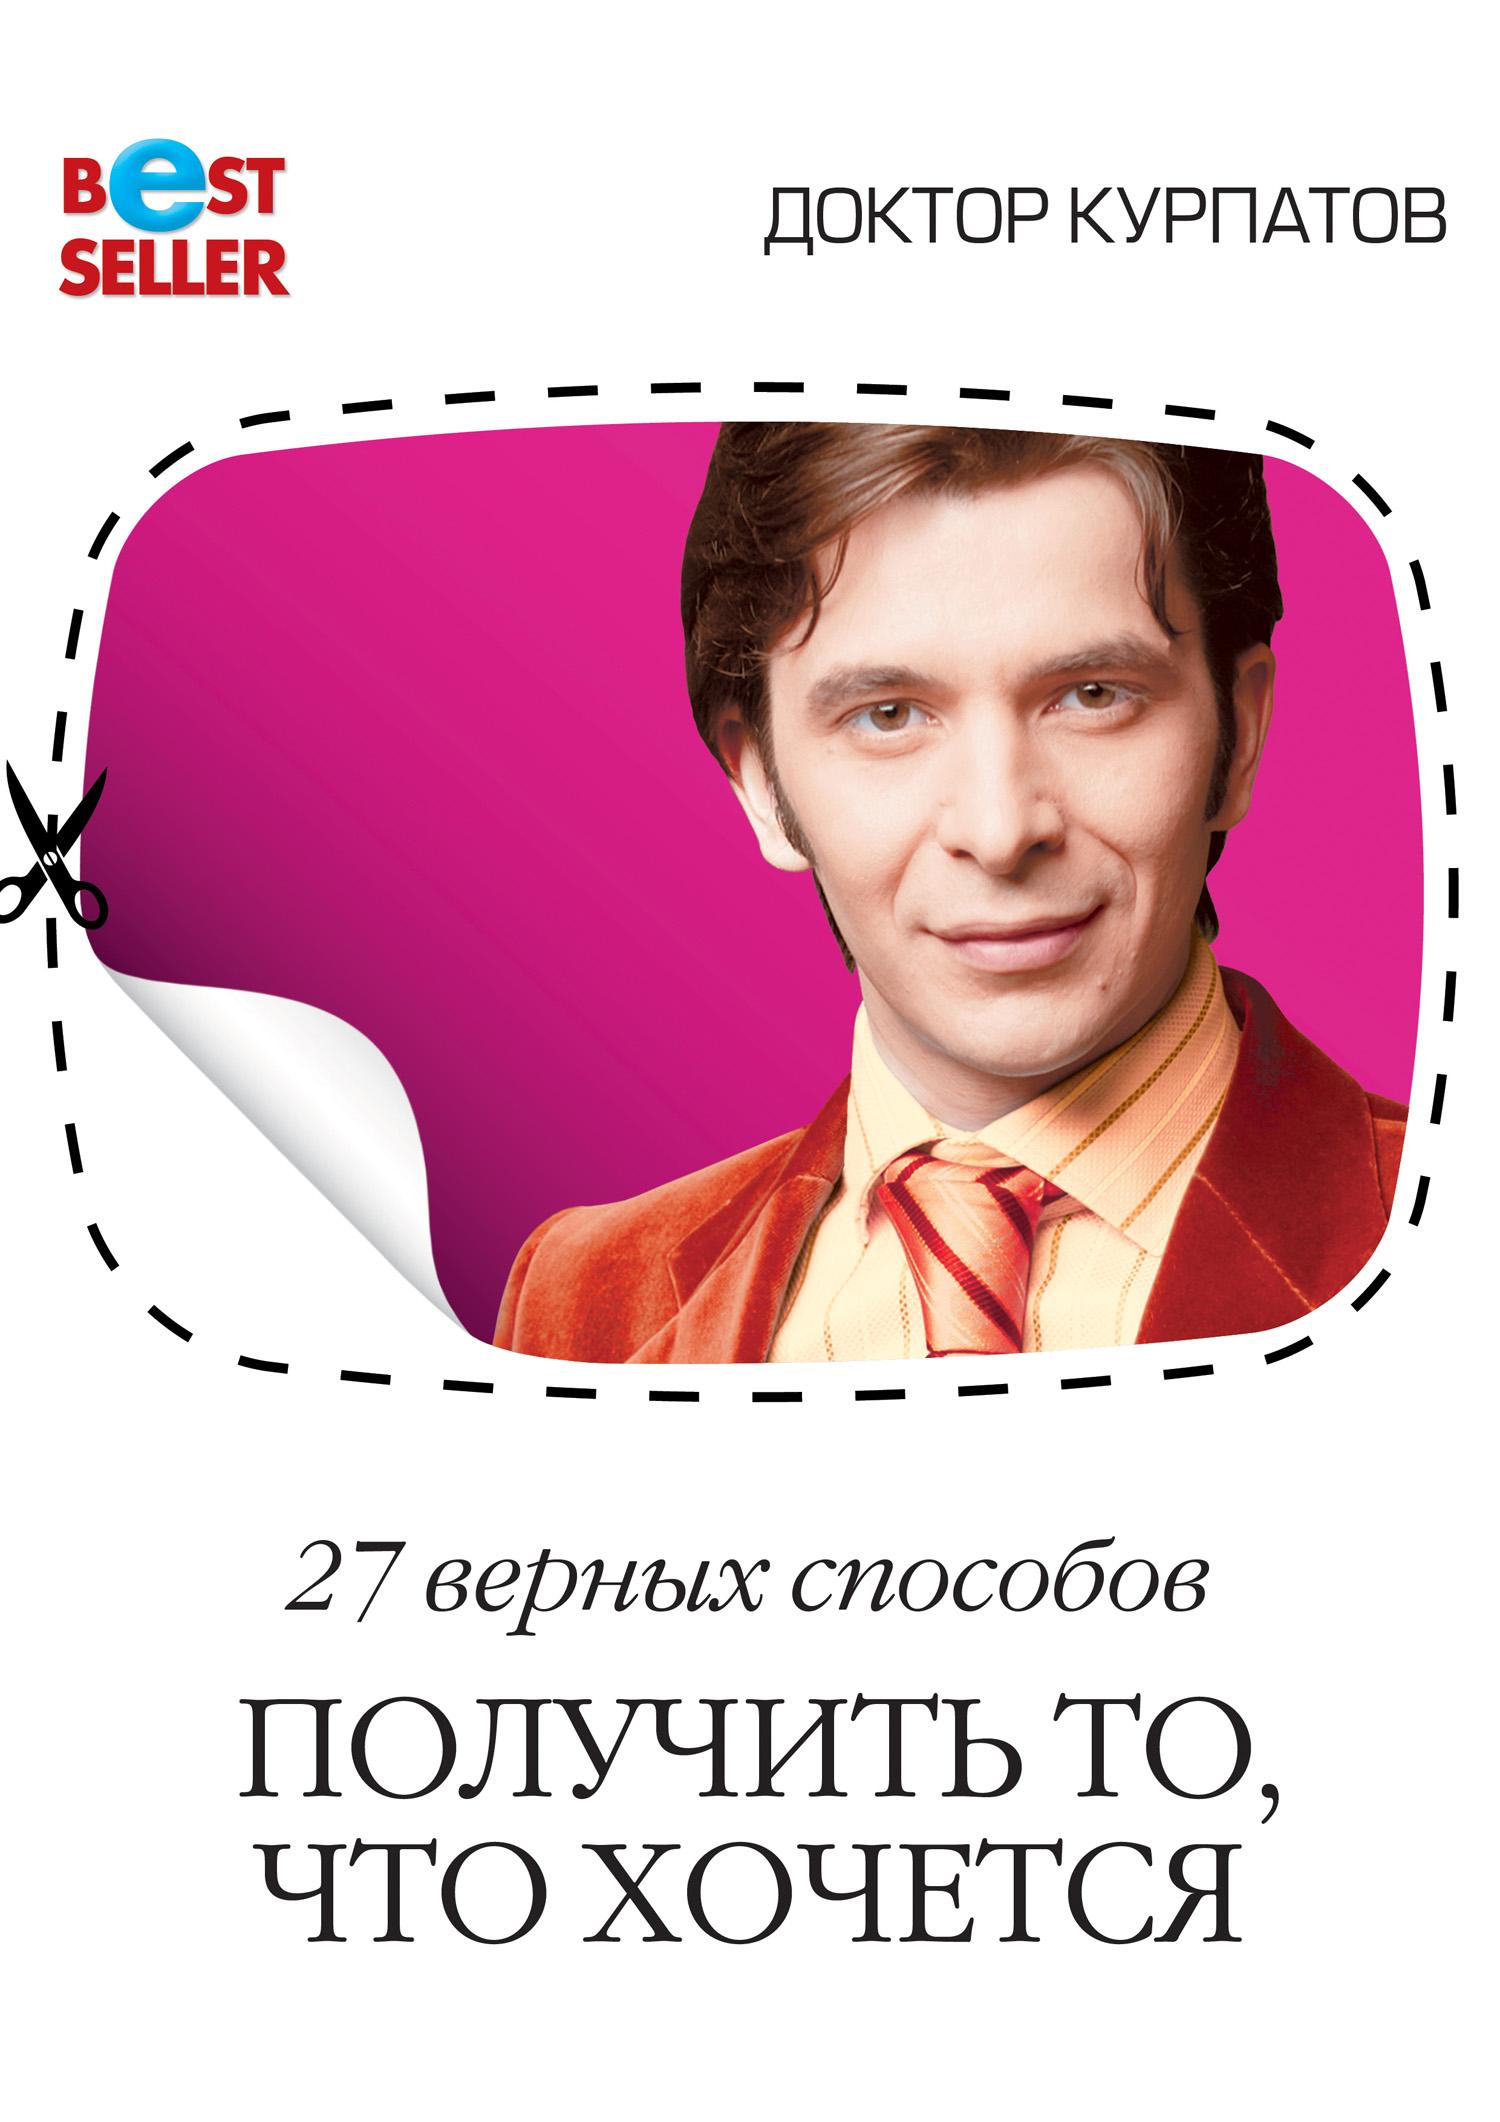 Андрей Курпатов 27 верных способов получить то, что хочется робин шарма великая книга успеха и счастья от монаха который продал свой феррари сборник